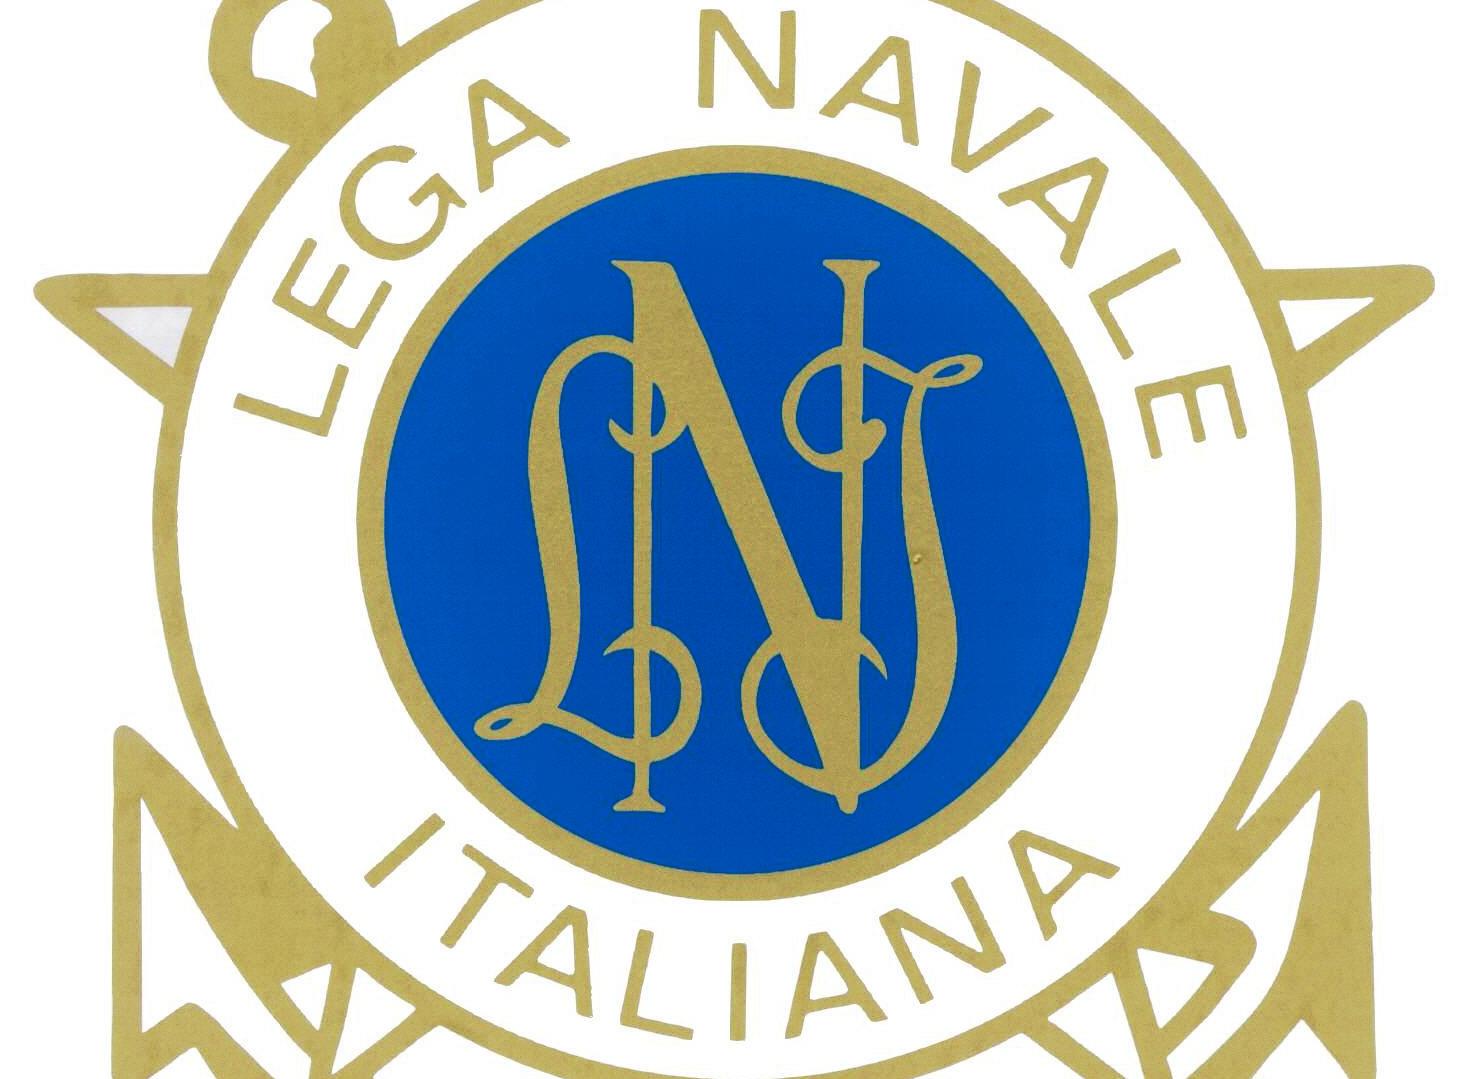 http://www.leganavalestabia.it/immagini_articoli/miniature/11344623526.jpg